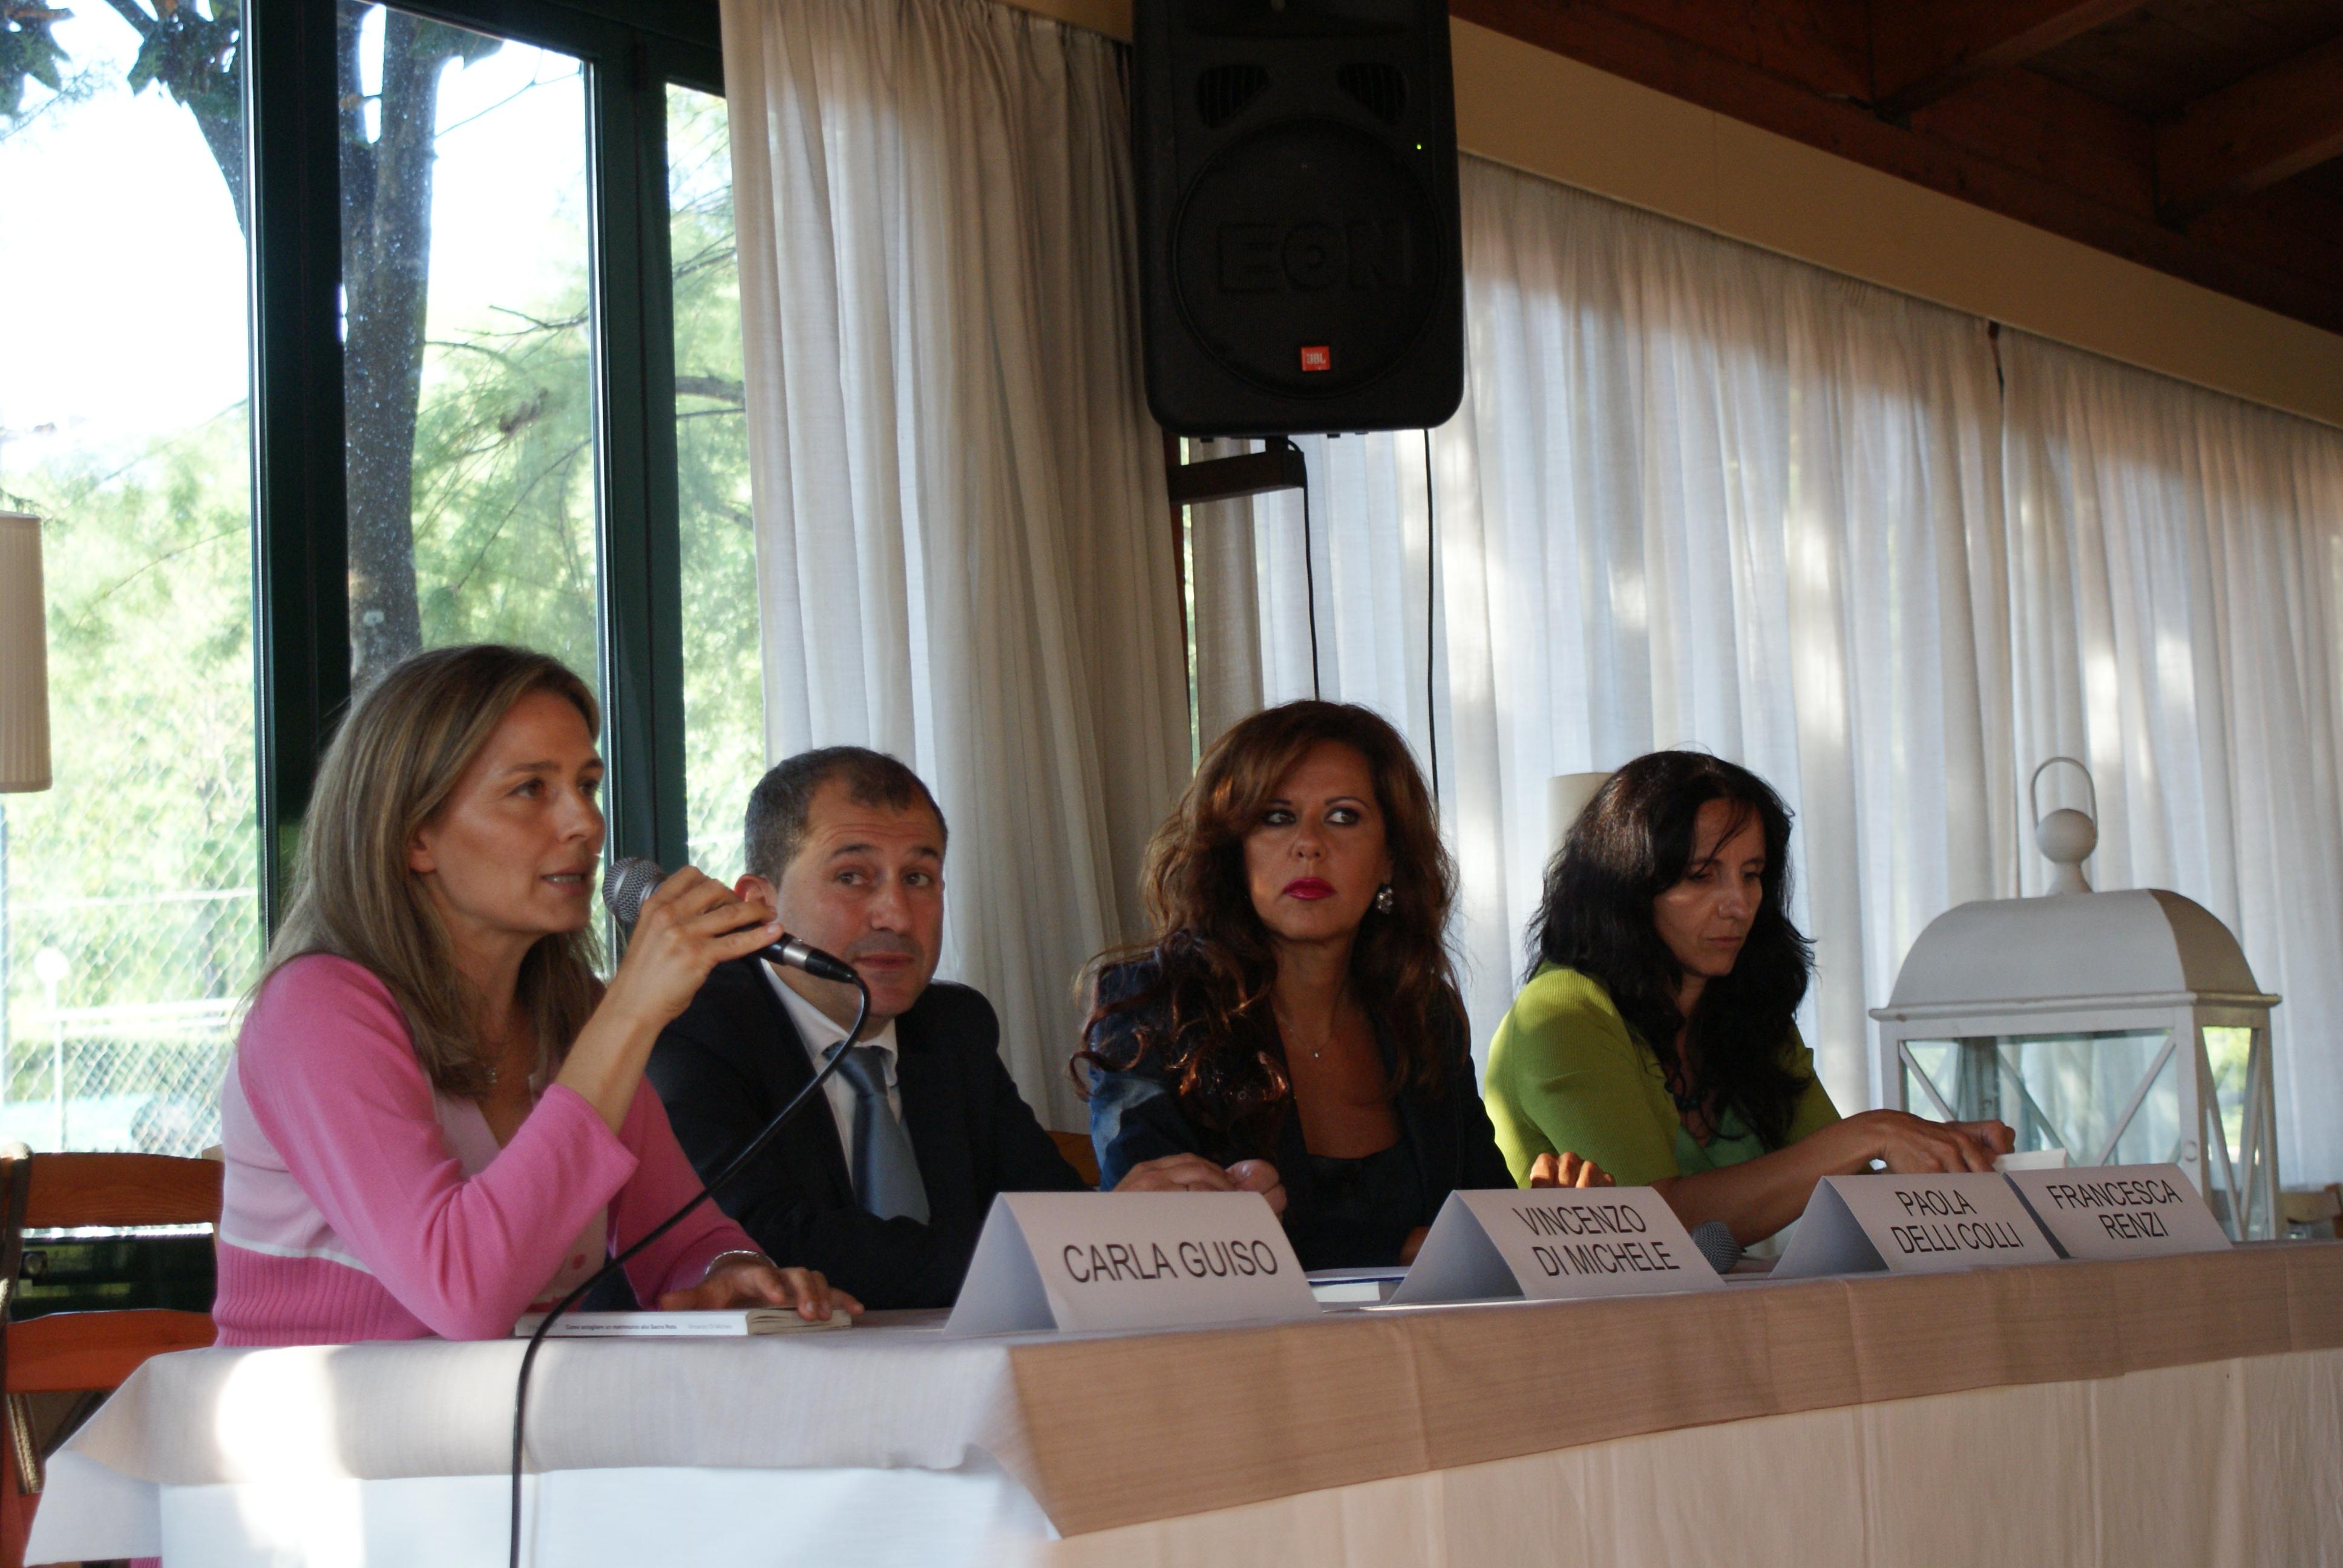 Da sinistra : l\'Avvocato della Sacra Rota Carla Guiso, lo scrittore Vincenzo Di Michele, La presentatrice Tv Paola Delli Colli, l\'avvocato della Sacra Rota Francesca Renzi